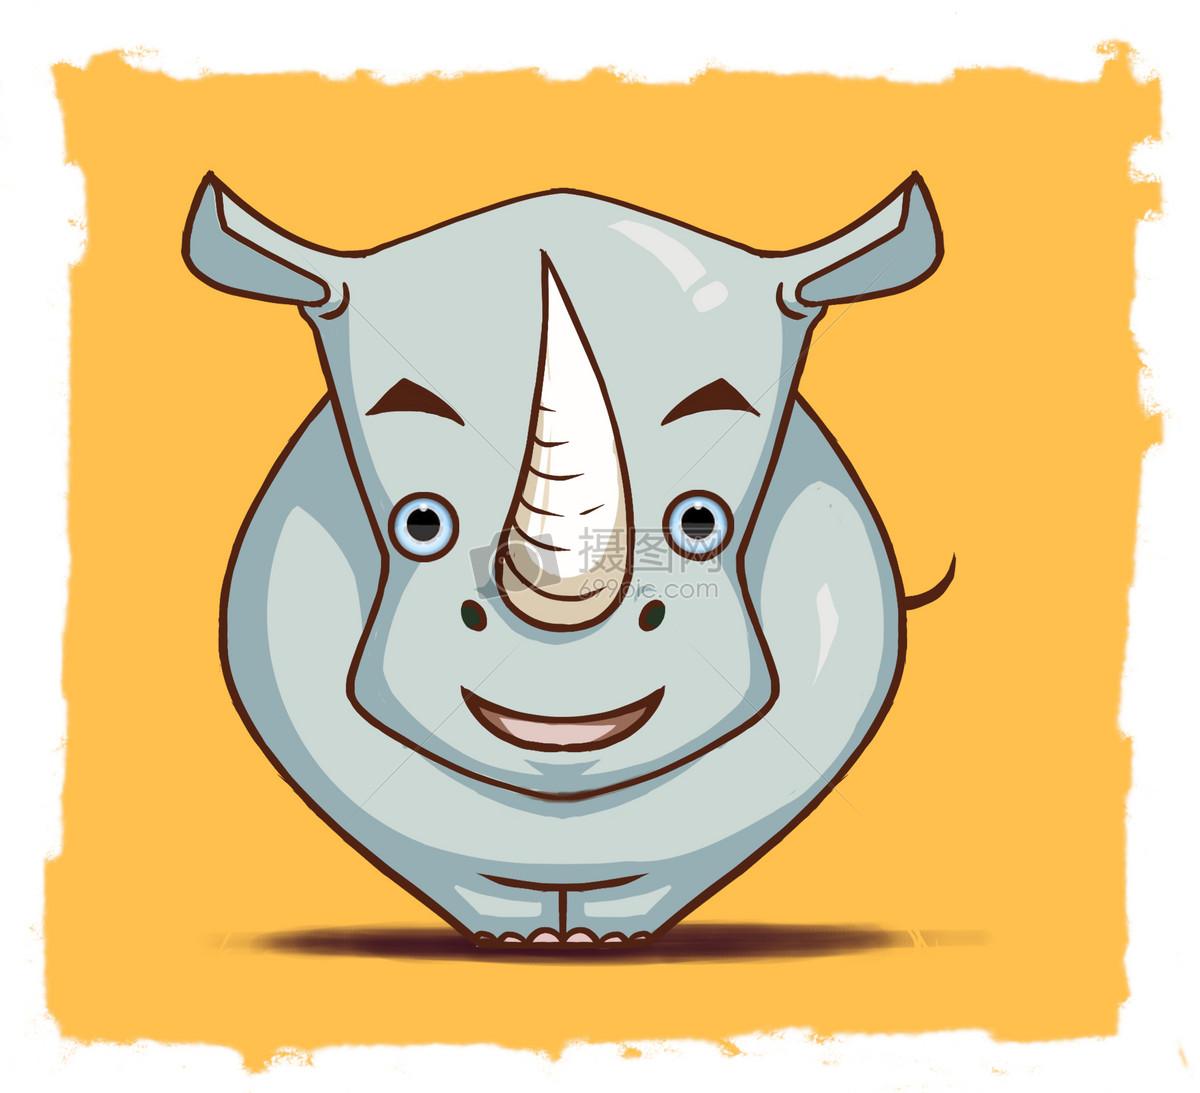 可爱的小犀牛动画